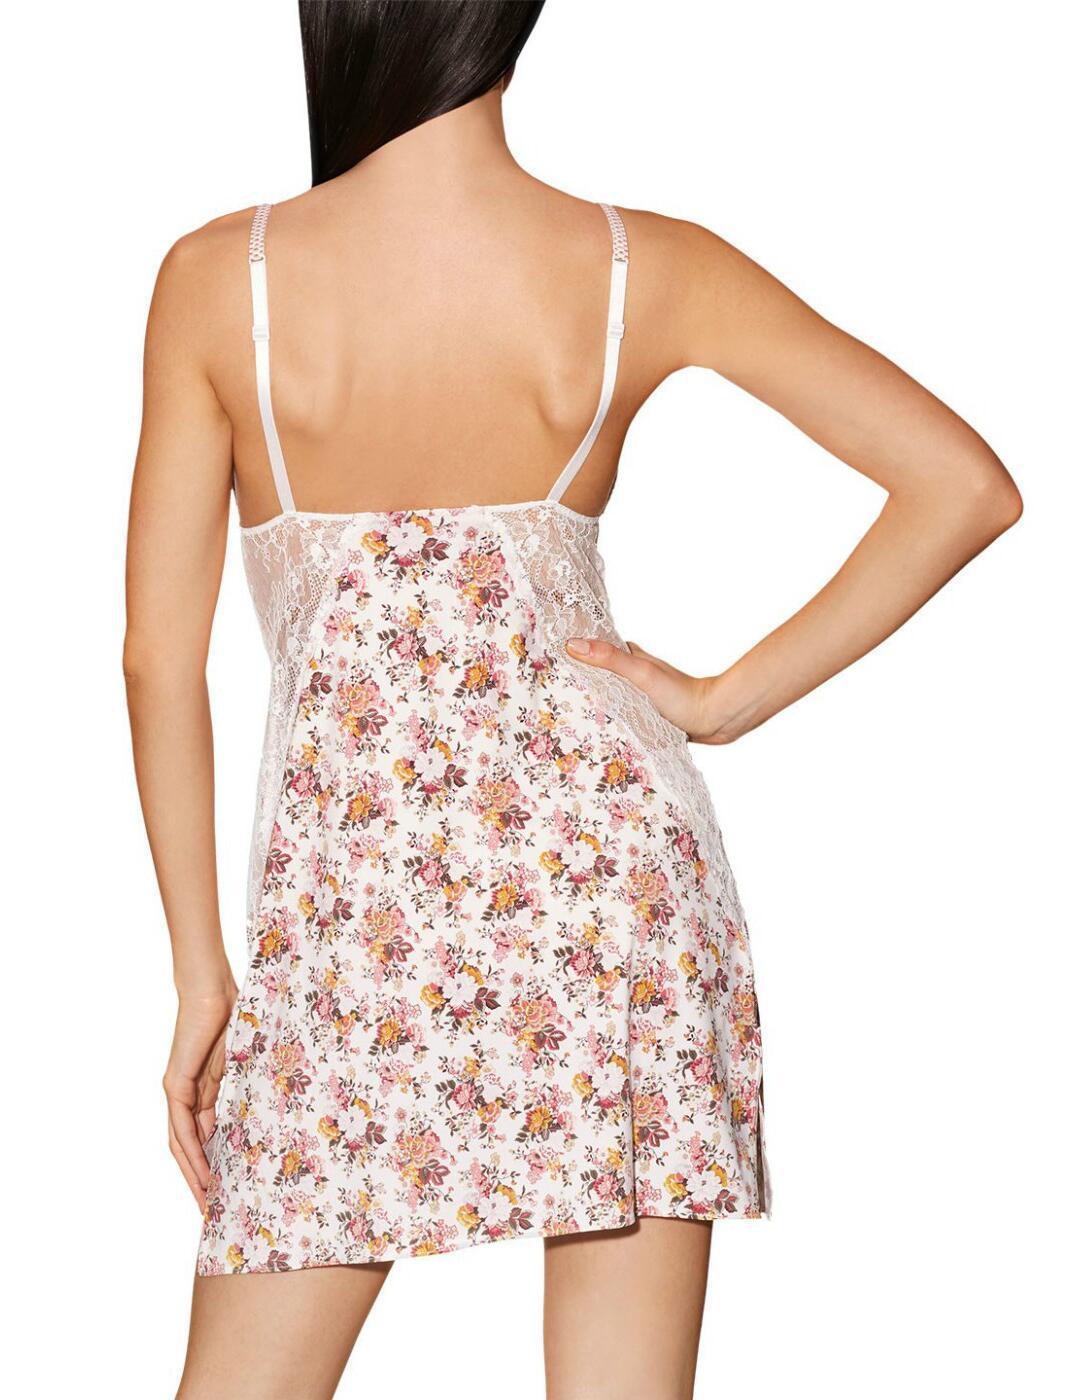 Aubade Fleurs de Plaisir Nightie Nightdress FA40 Luxury Womens Nightwear Opal